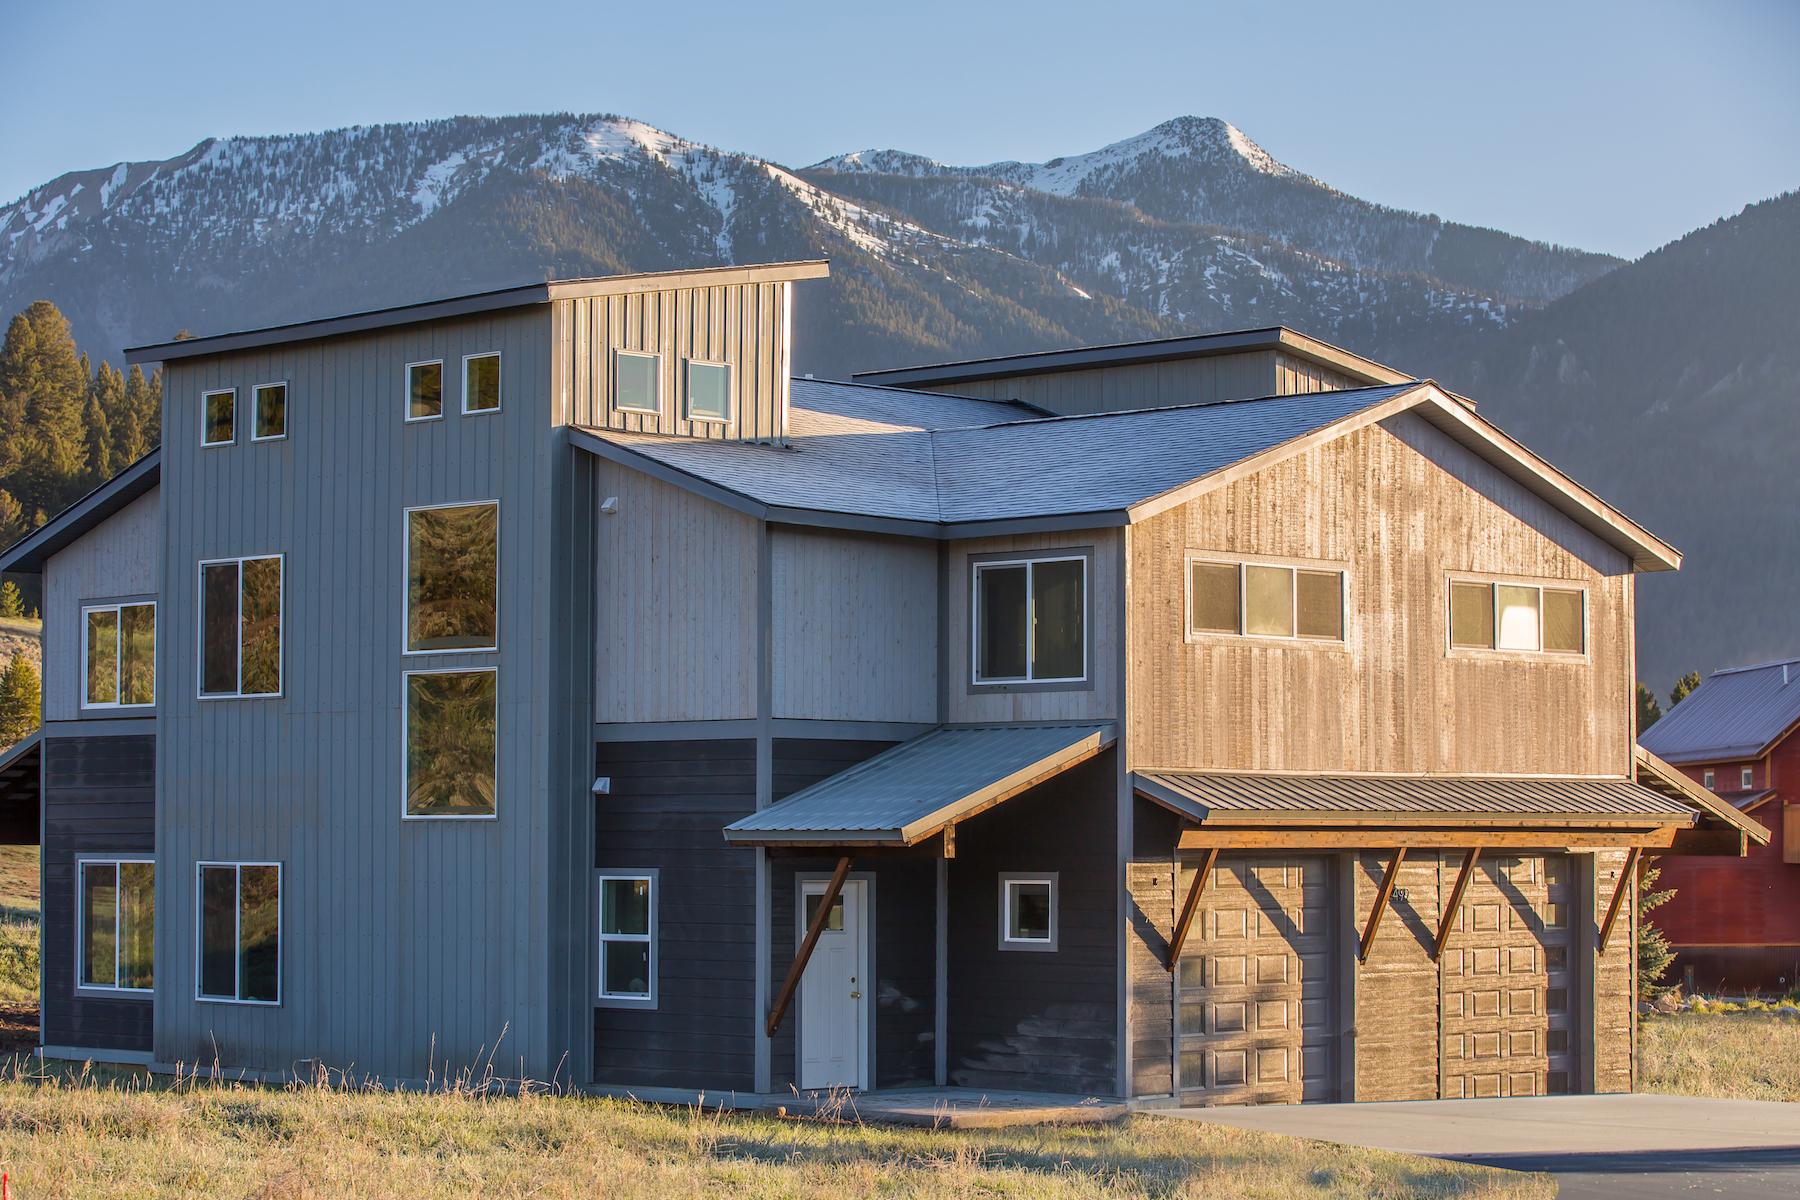 Таунхаус для того Продажа на New Construction Townhome 499 Spruce Cone Unit A Big Sky, Монтана, 59716 Соединенные Штаты